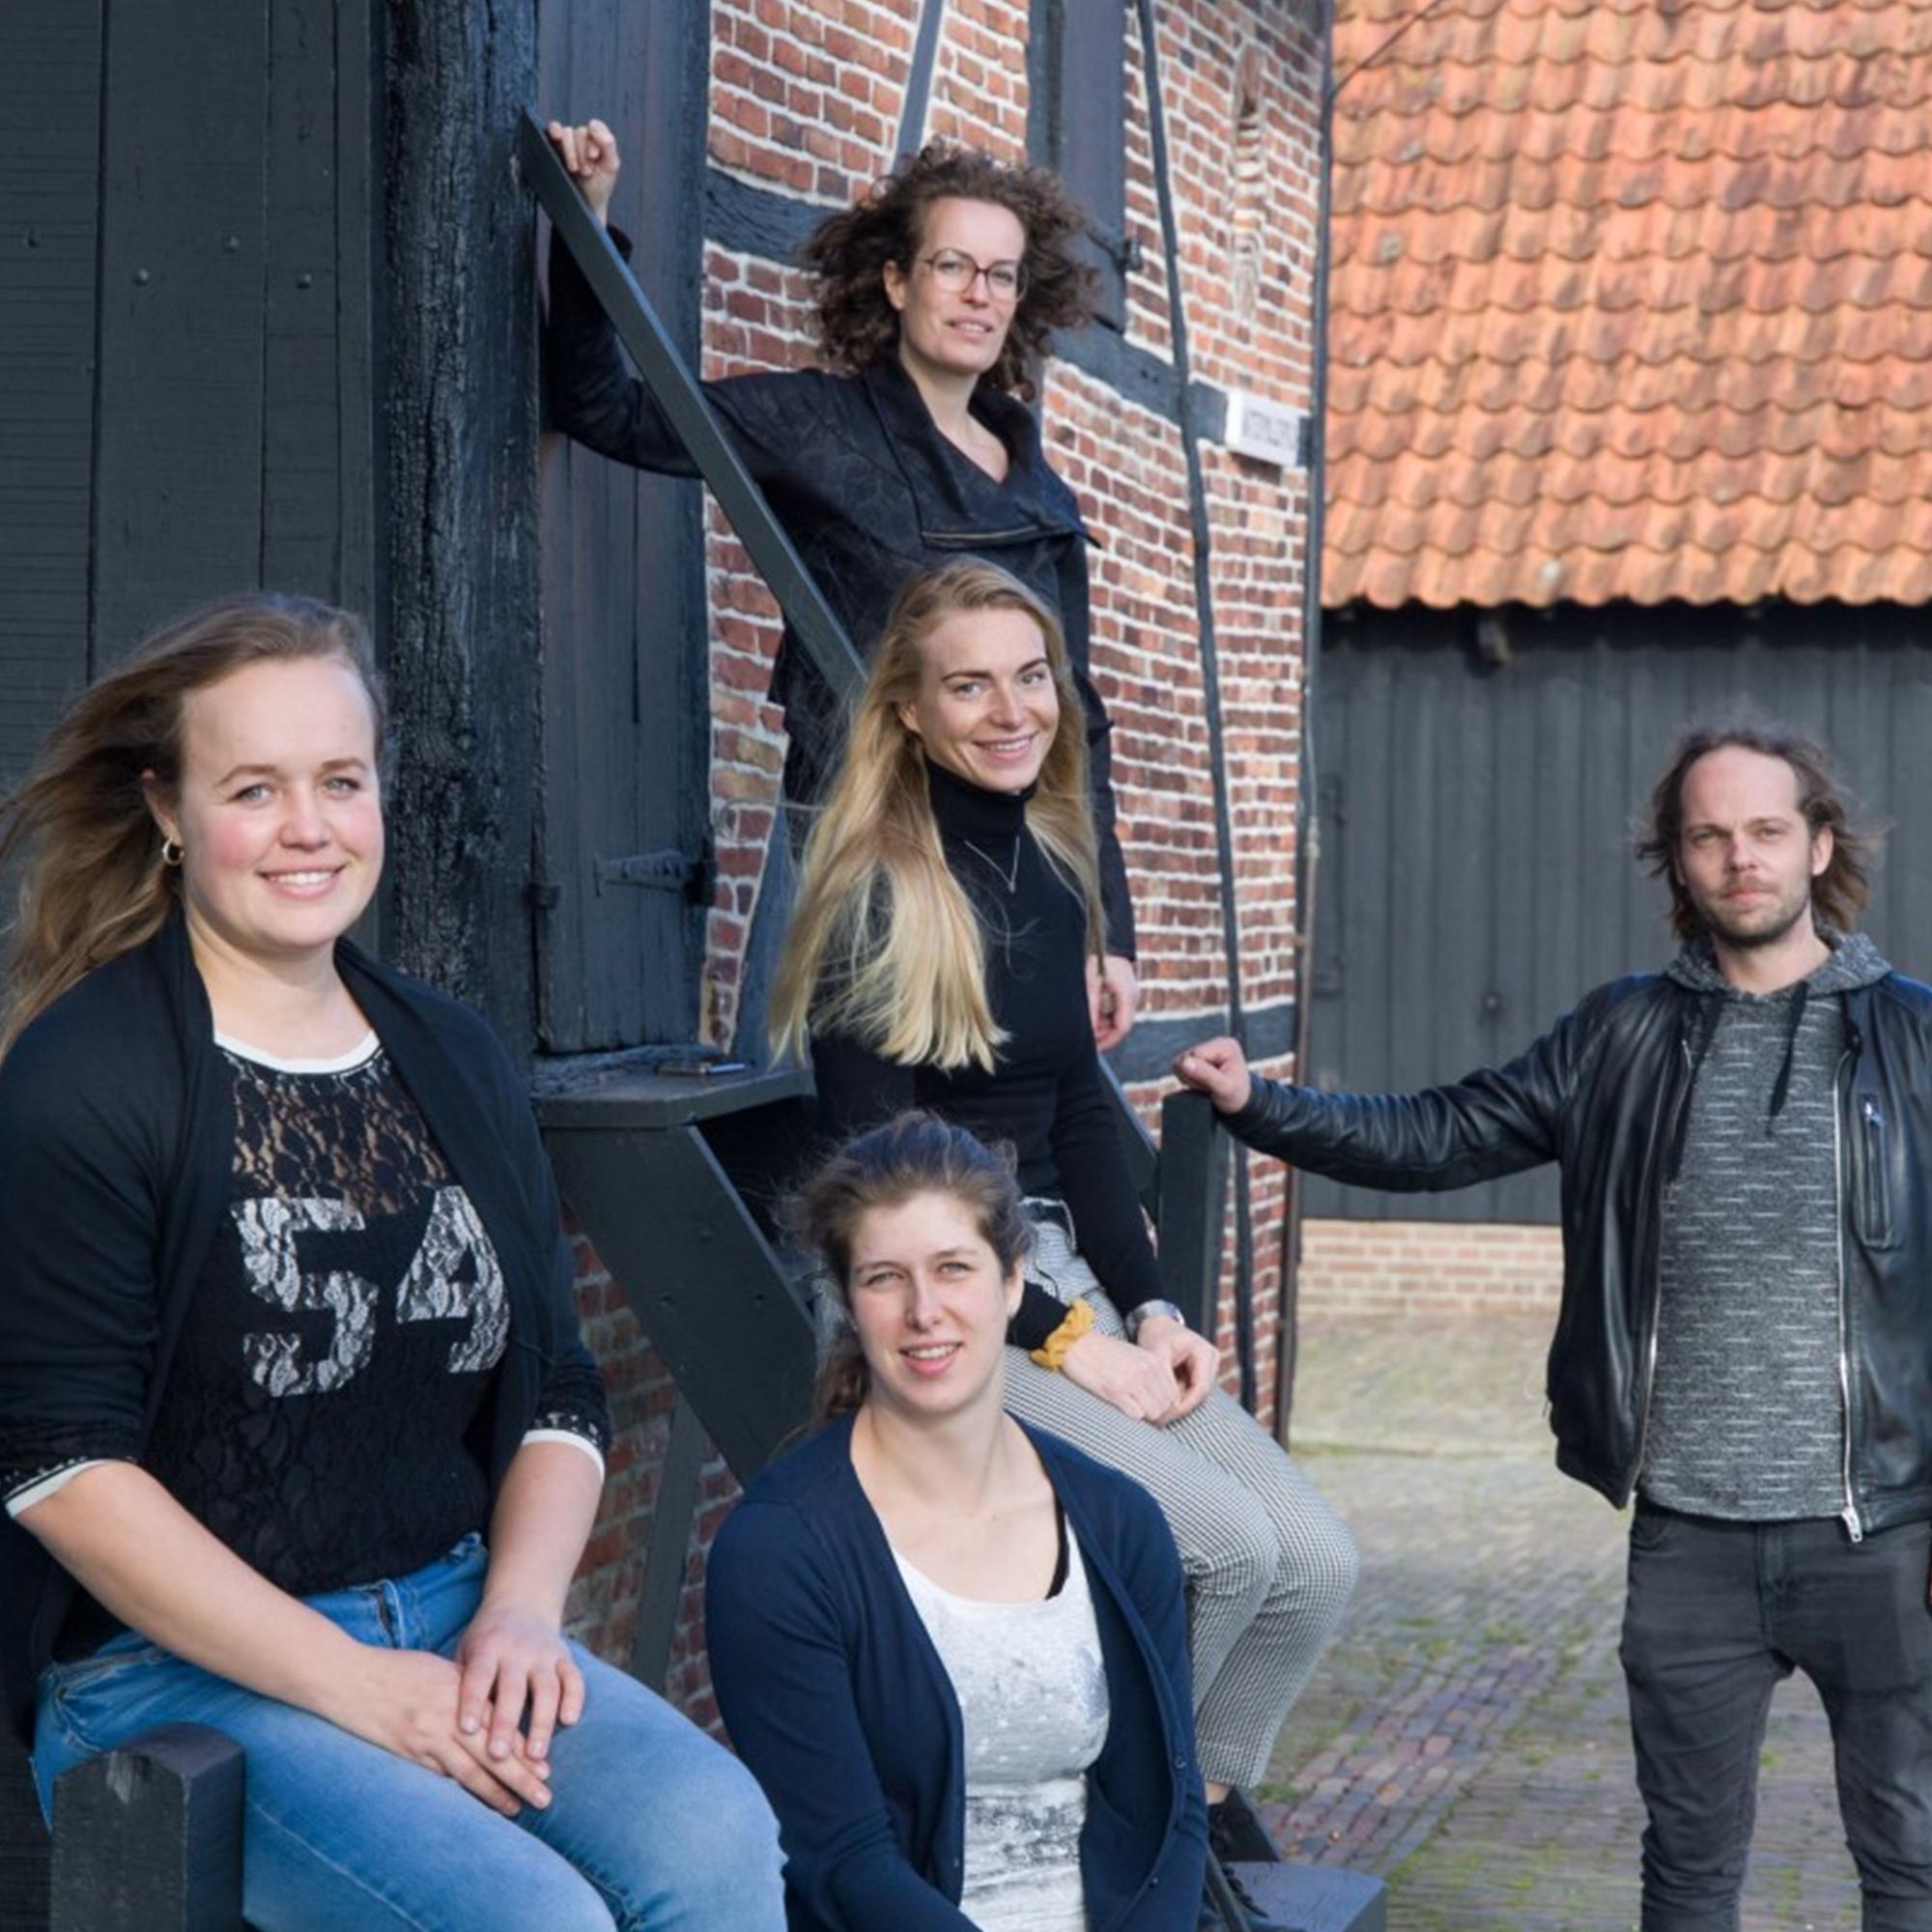 Marianne van de Sluis, Evelien Holtmaat, Marieke Duijn, Arjan Veenhuizen en Rachel Scheurwater